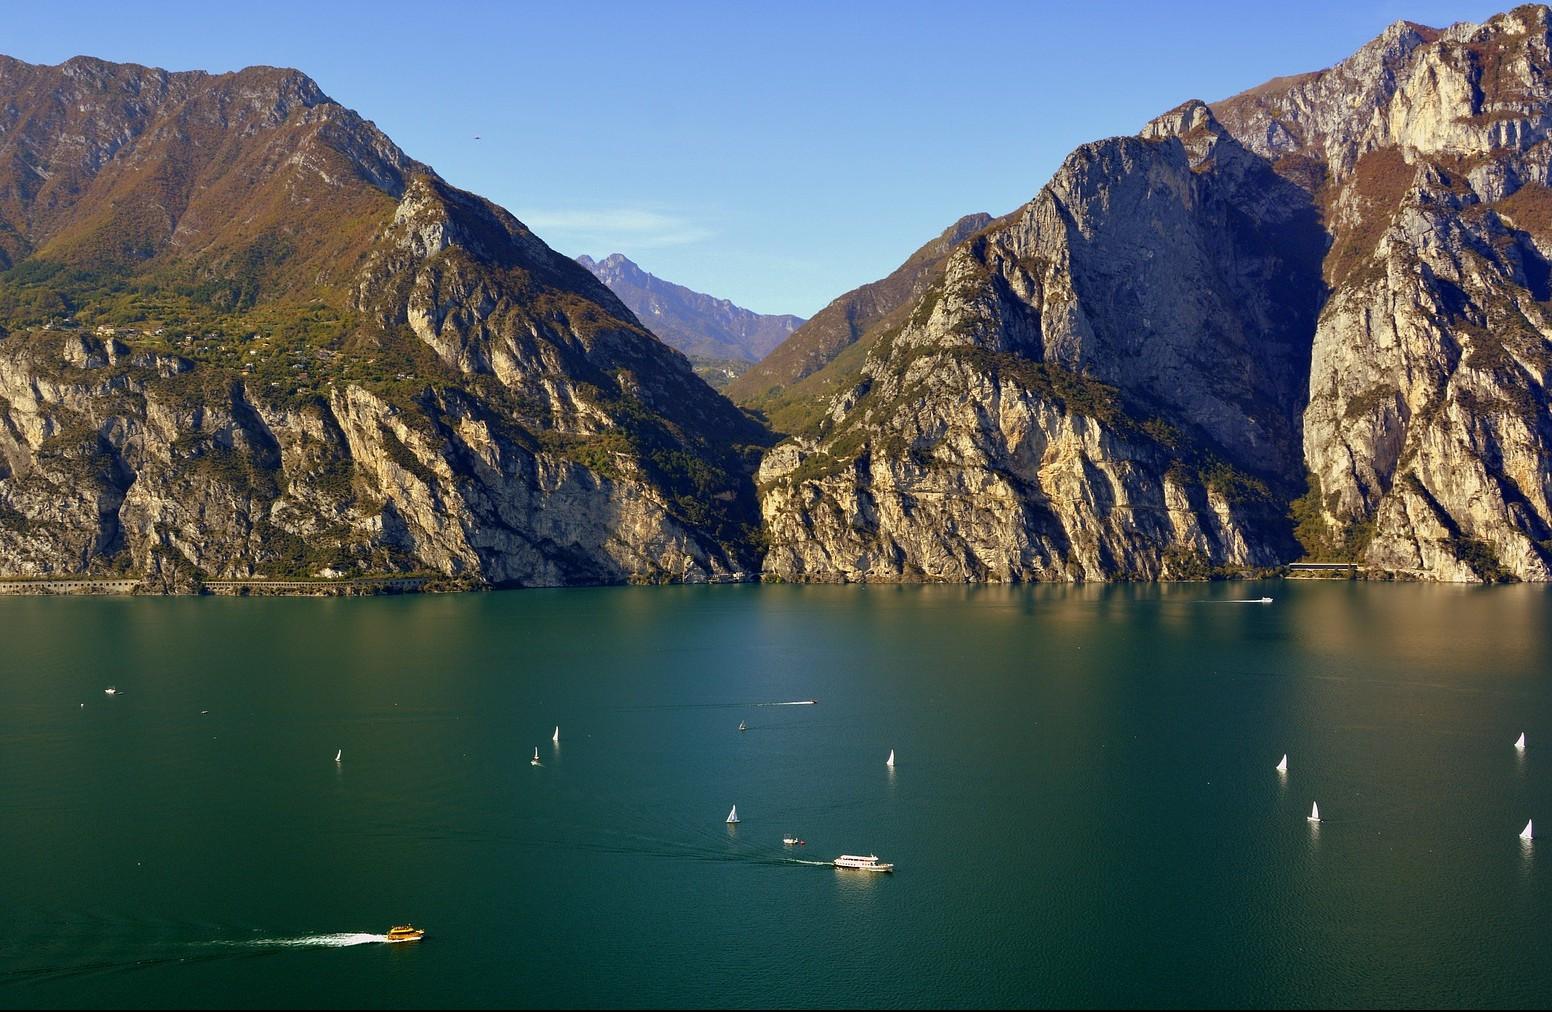 Crociera sul Lago di Garda e visita della Rocca di Manerba